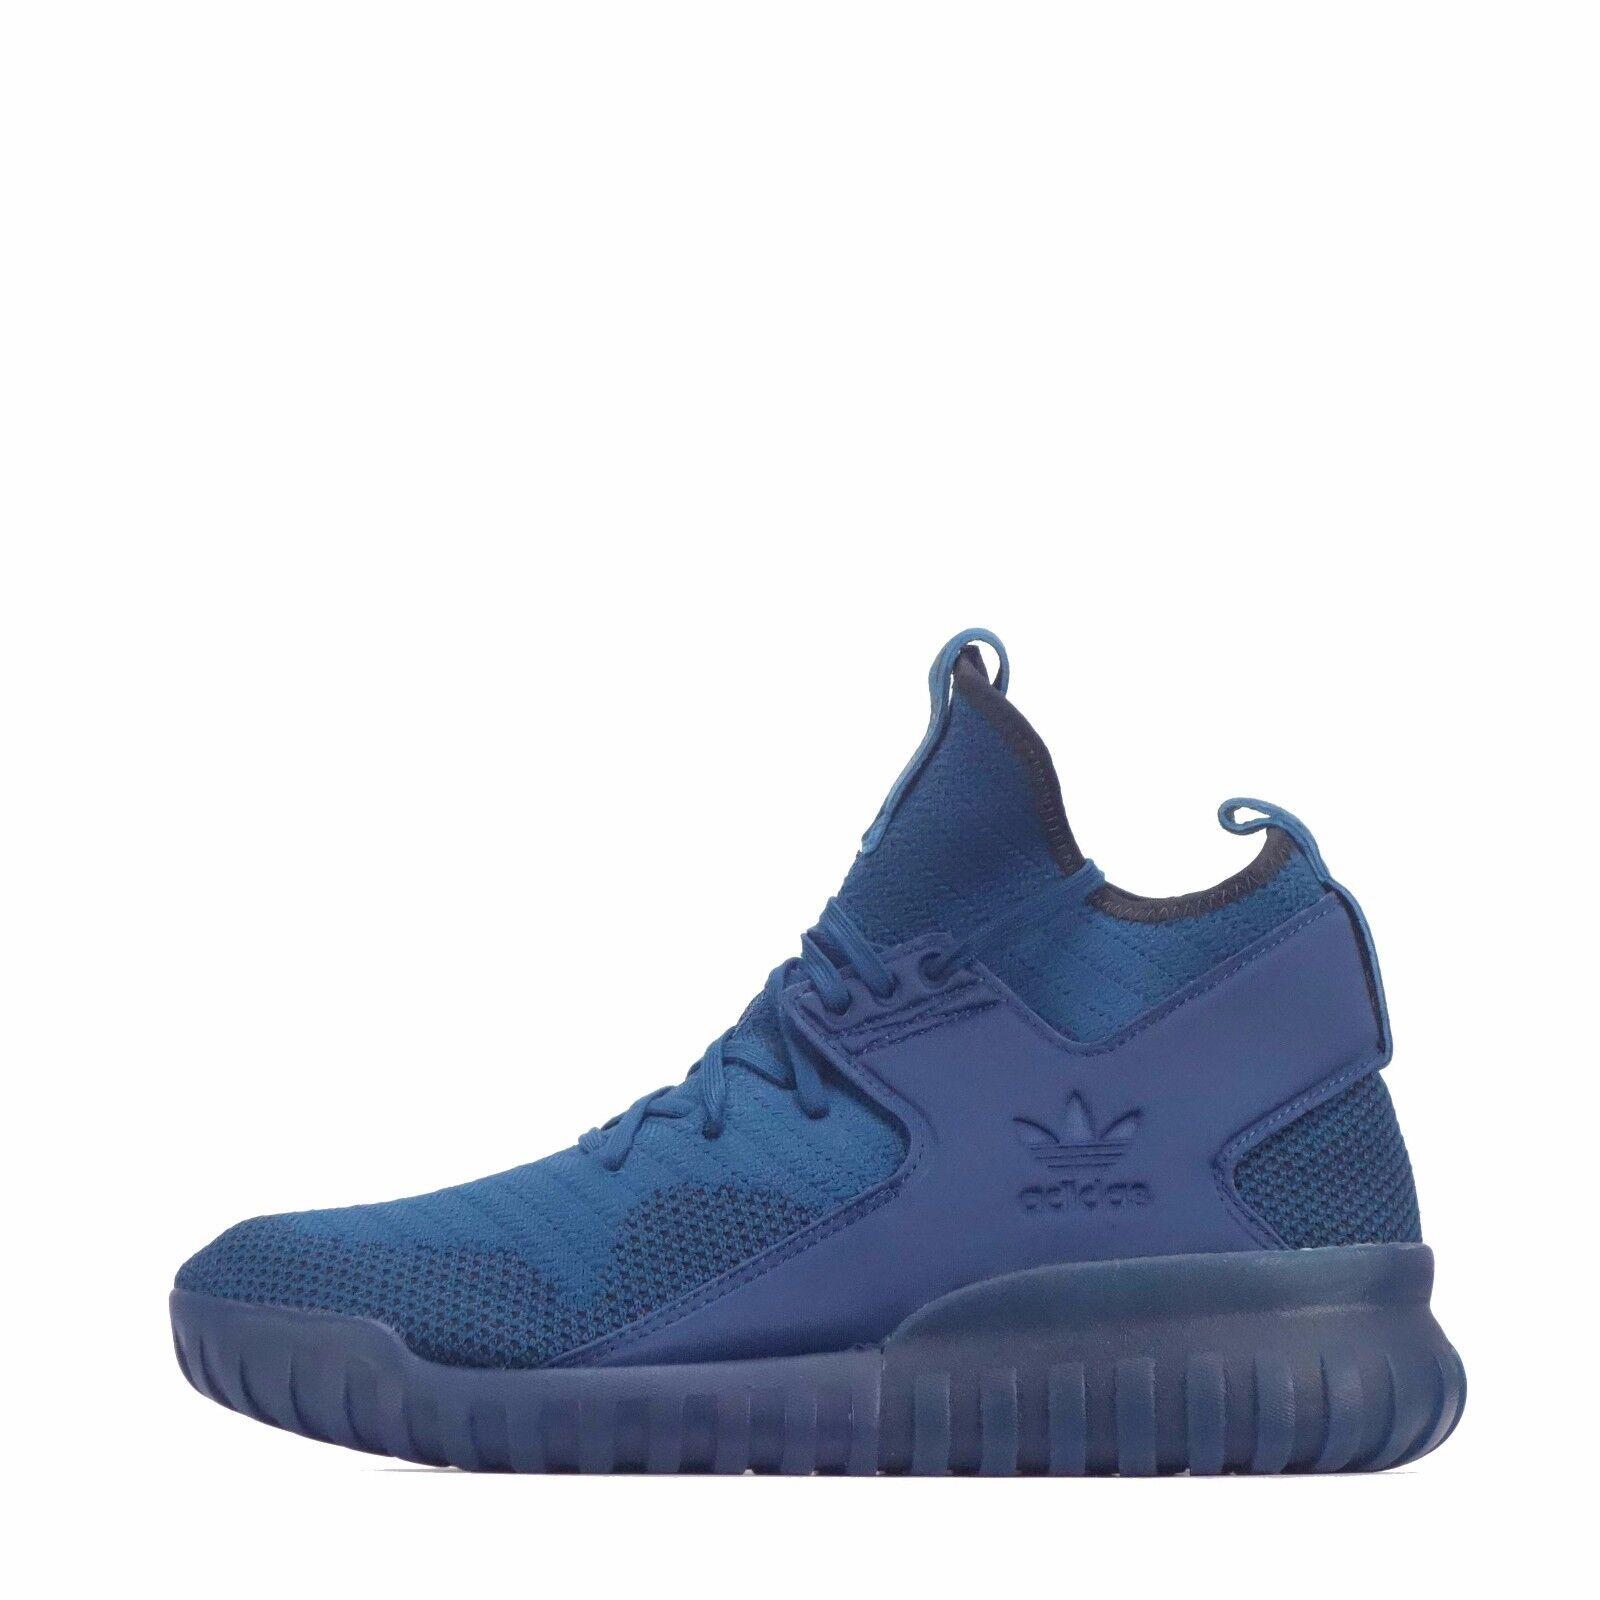 adidas Originals Tubular X Primeknit hommesChaussuresbleu/bleu